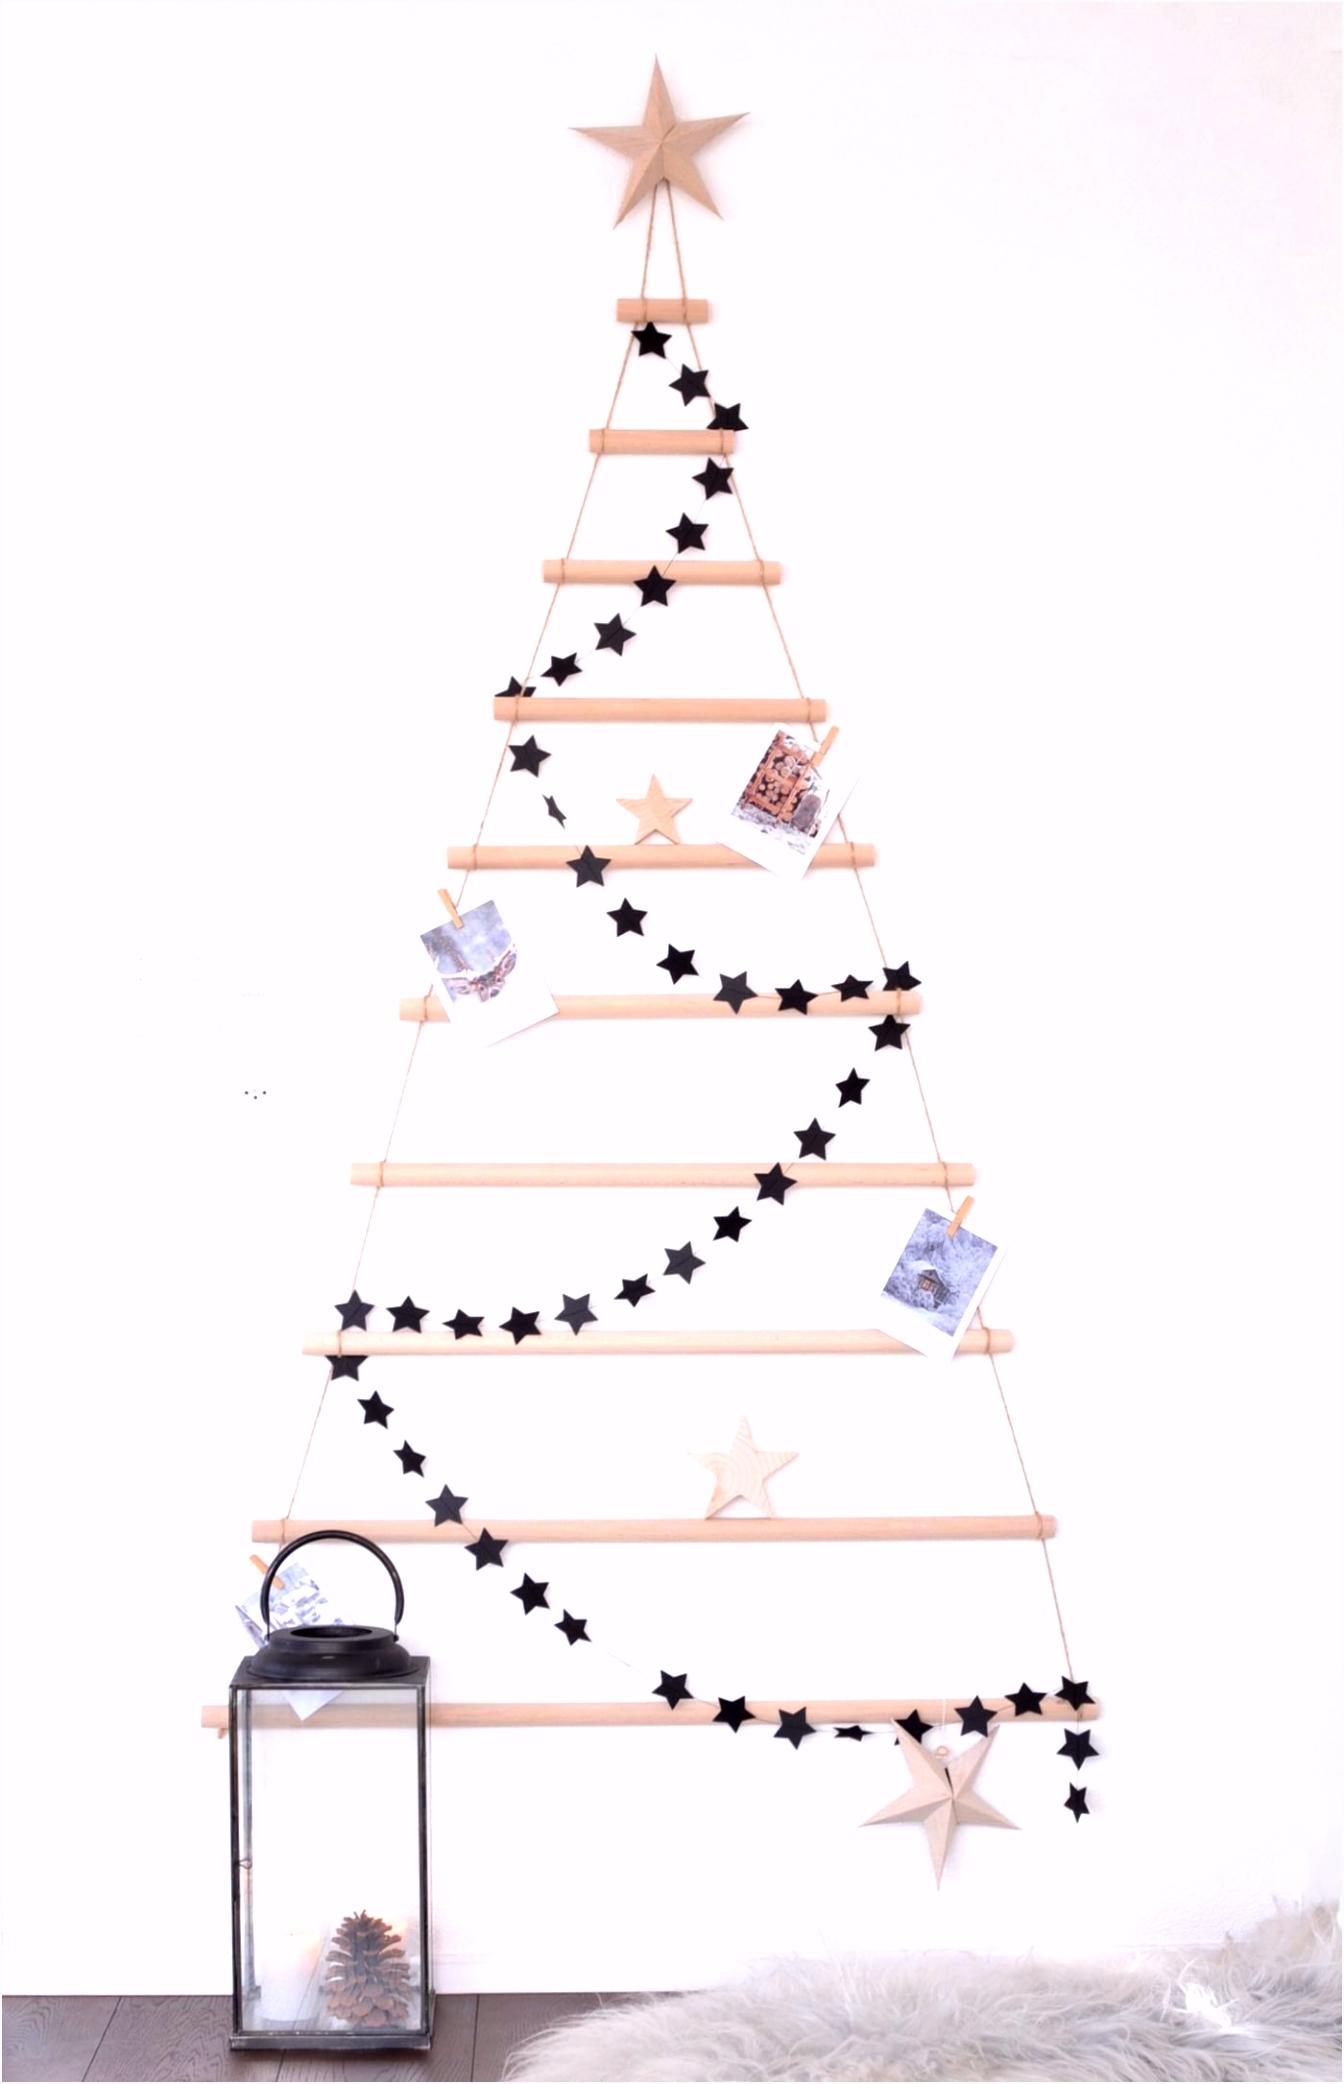 43 Ideen Kollektion Von Adventskalender Basteln Kindern Unter 3